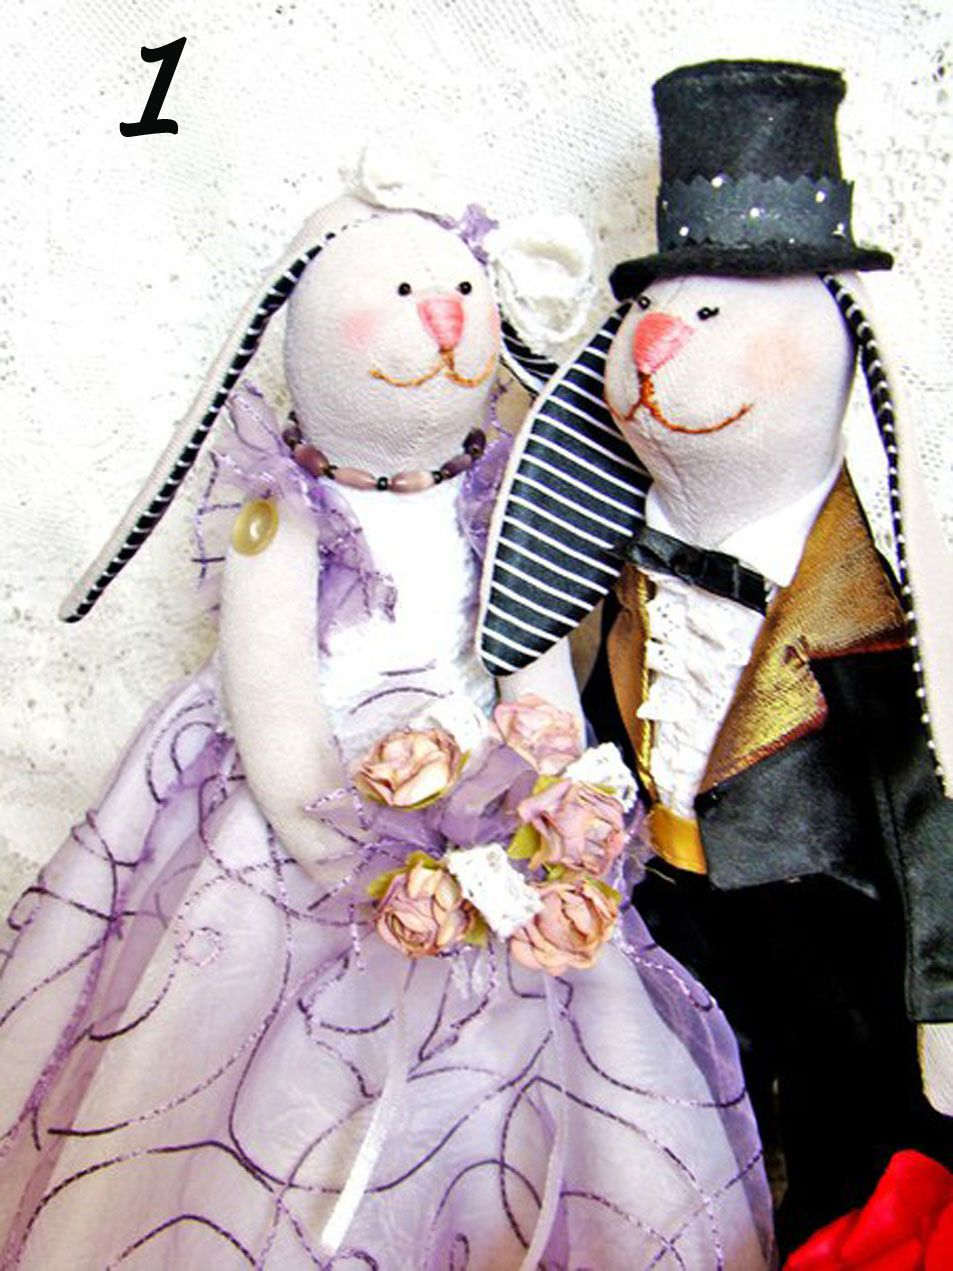 интерьерная авторская свадебный декор памятные кукла сувениры оригинальный подарки текстильная свадьба